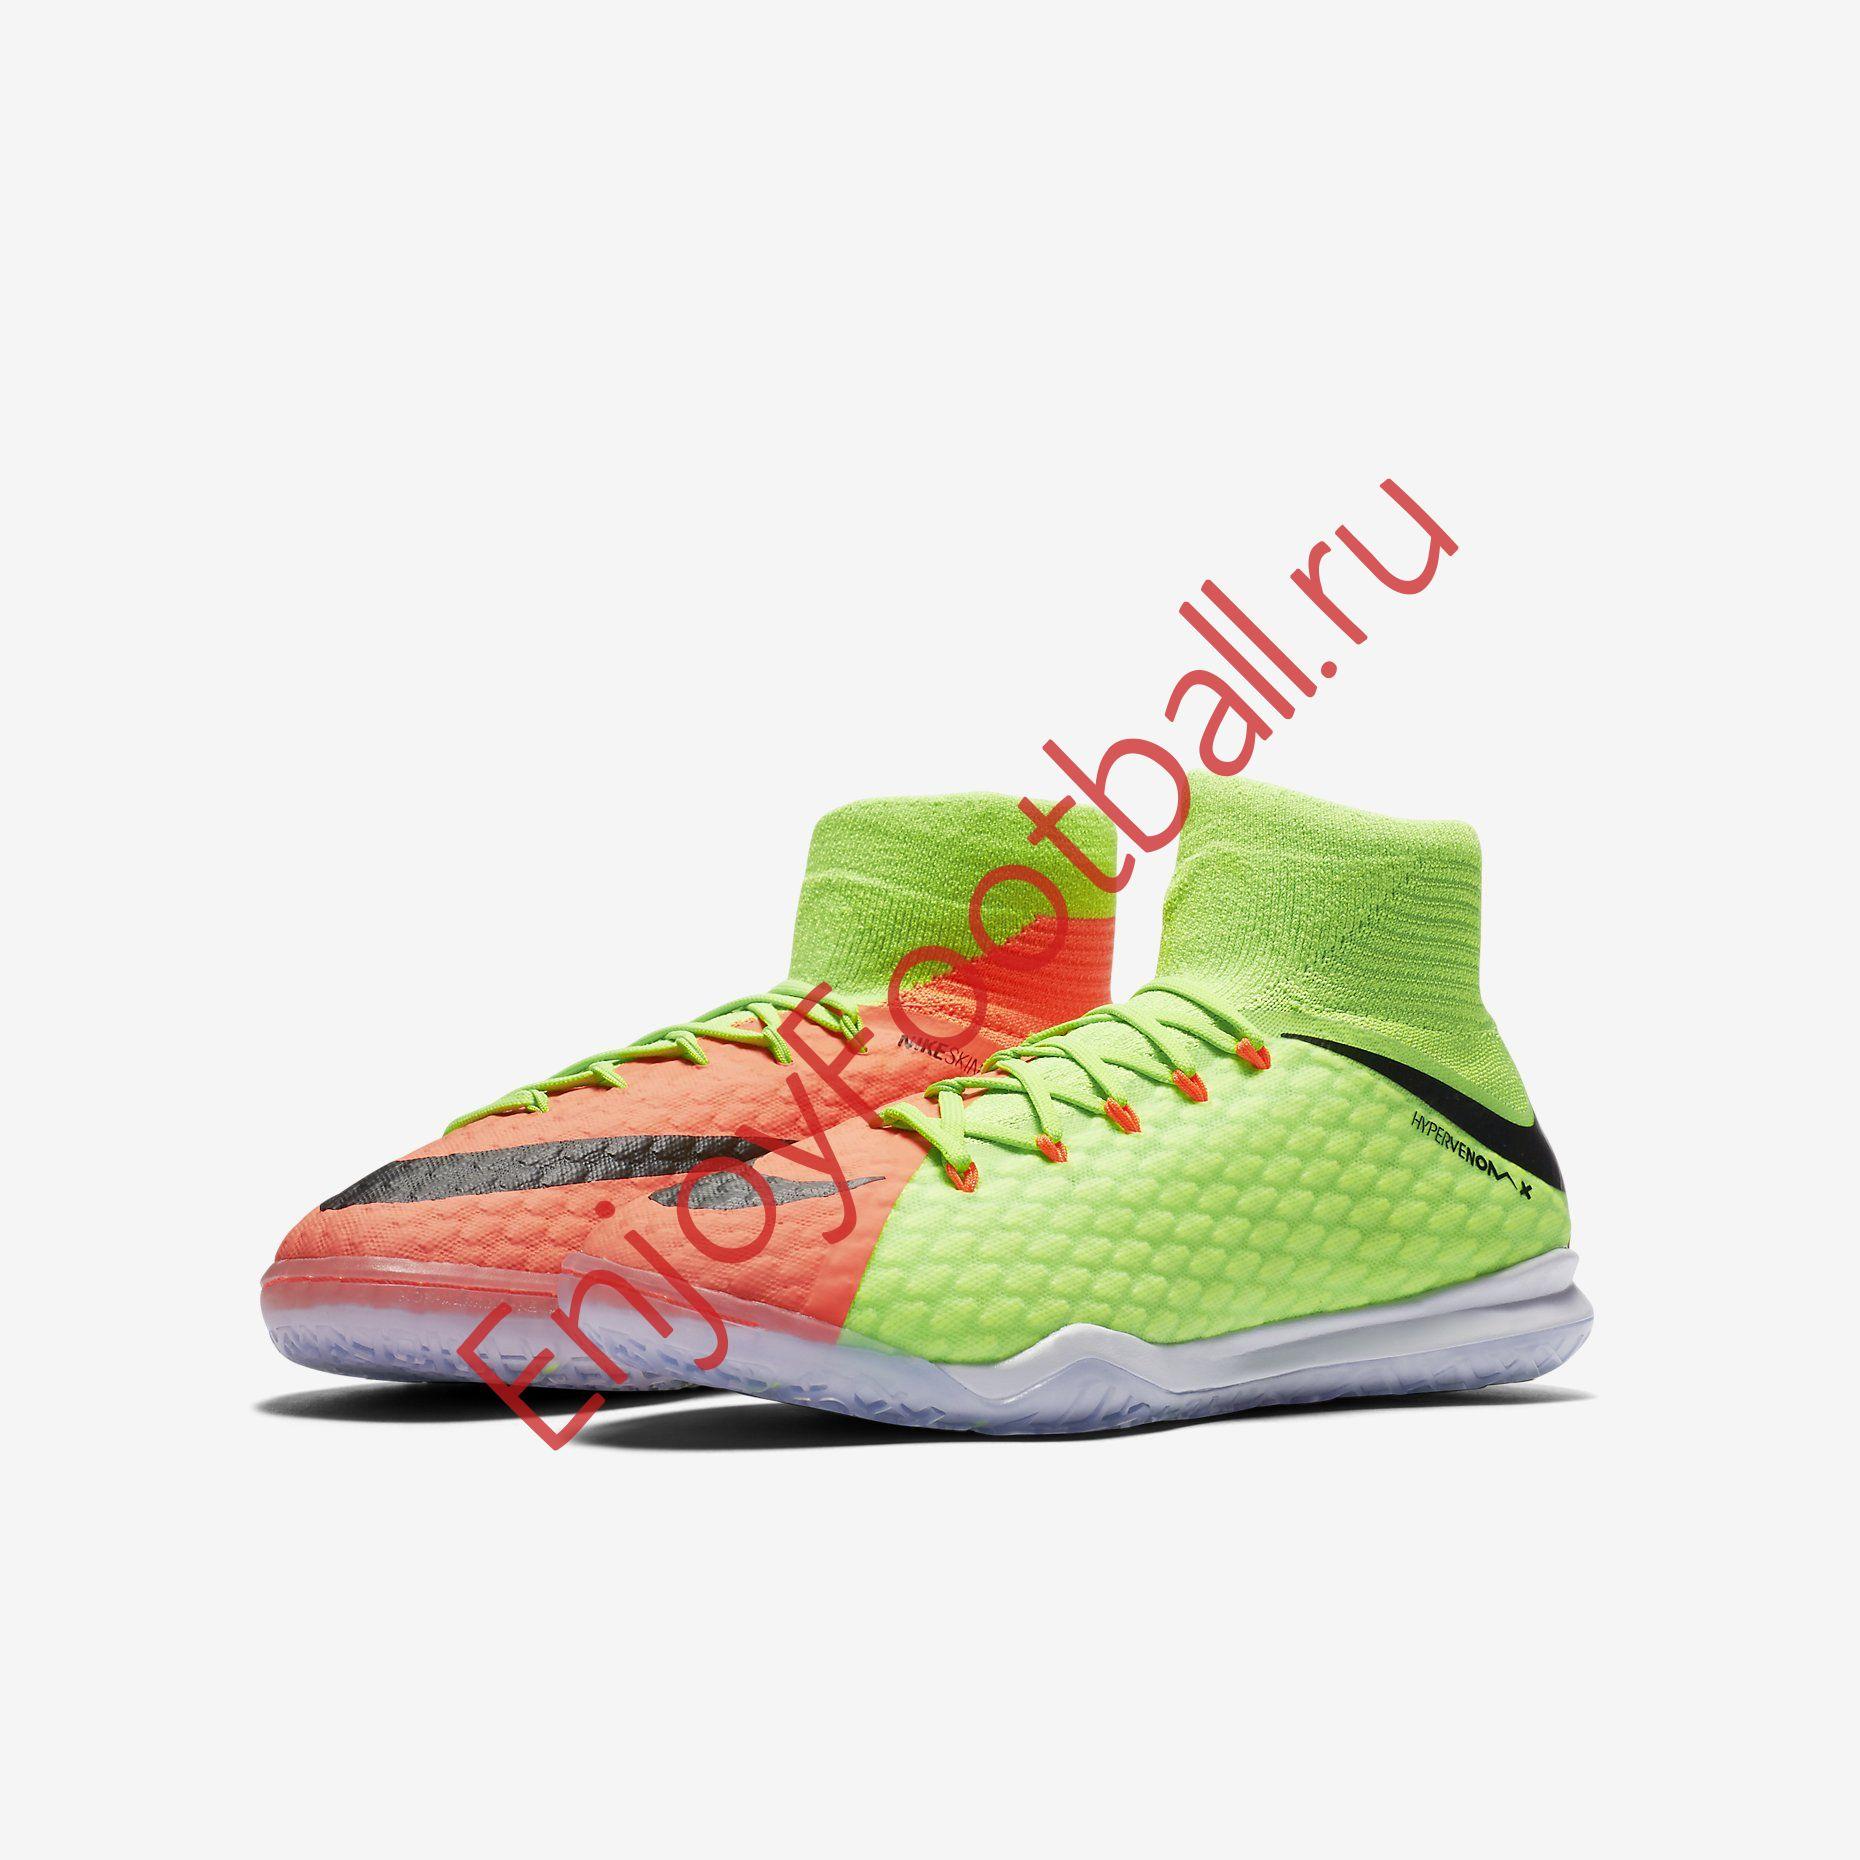 fc234b13 Детская обувь для зала NIKE HYPERVENOMX PROXIMO II DF IC 852602-308 JR —  купить ...